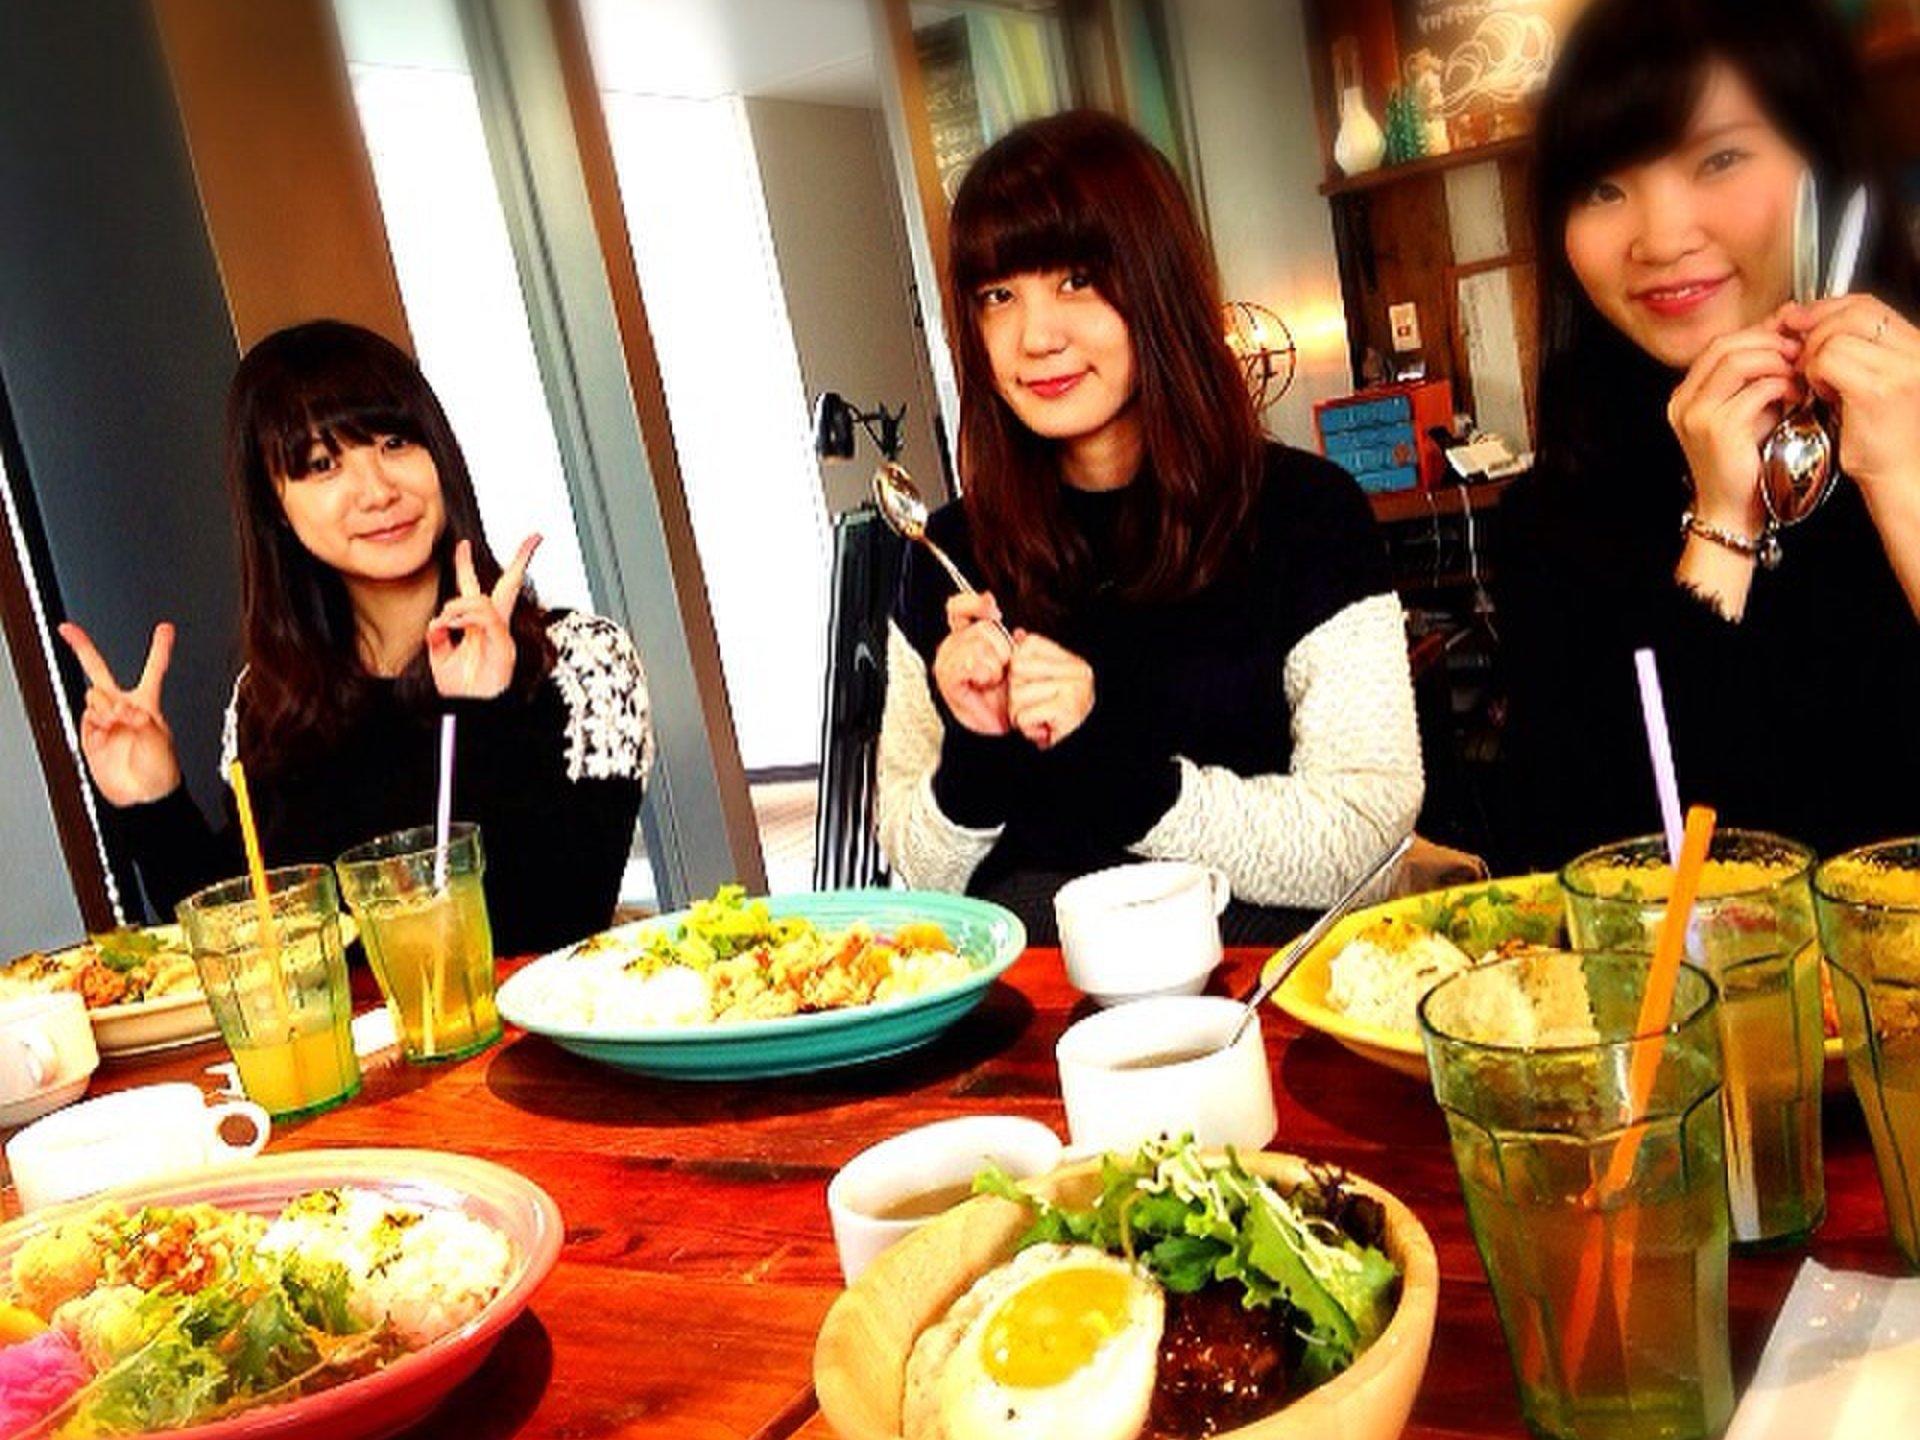 【億ションに隣接?! 】飯田橋のサクラテラスカフェで女子会!ランチにおススメのおしゃれスポット